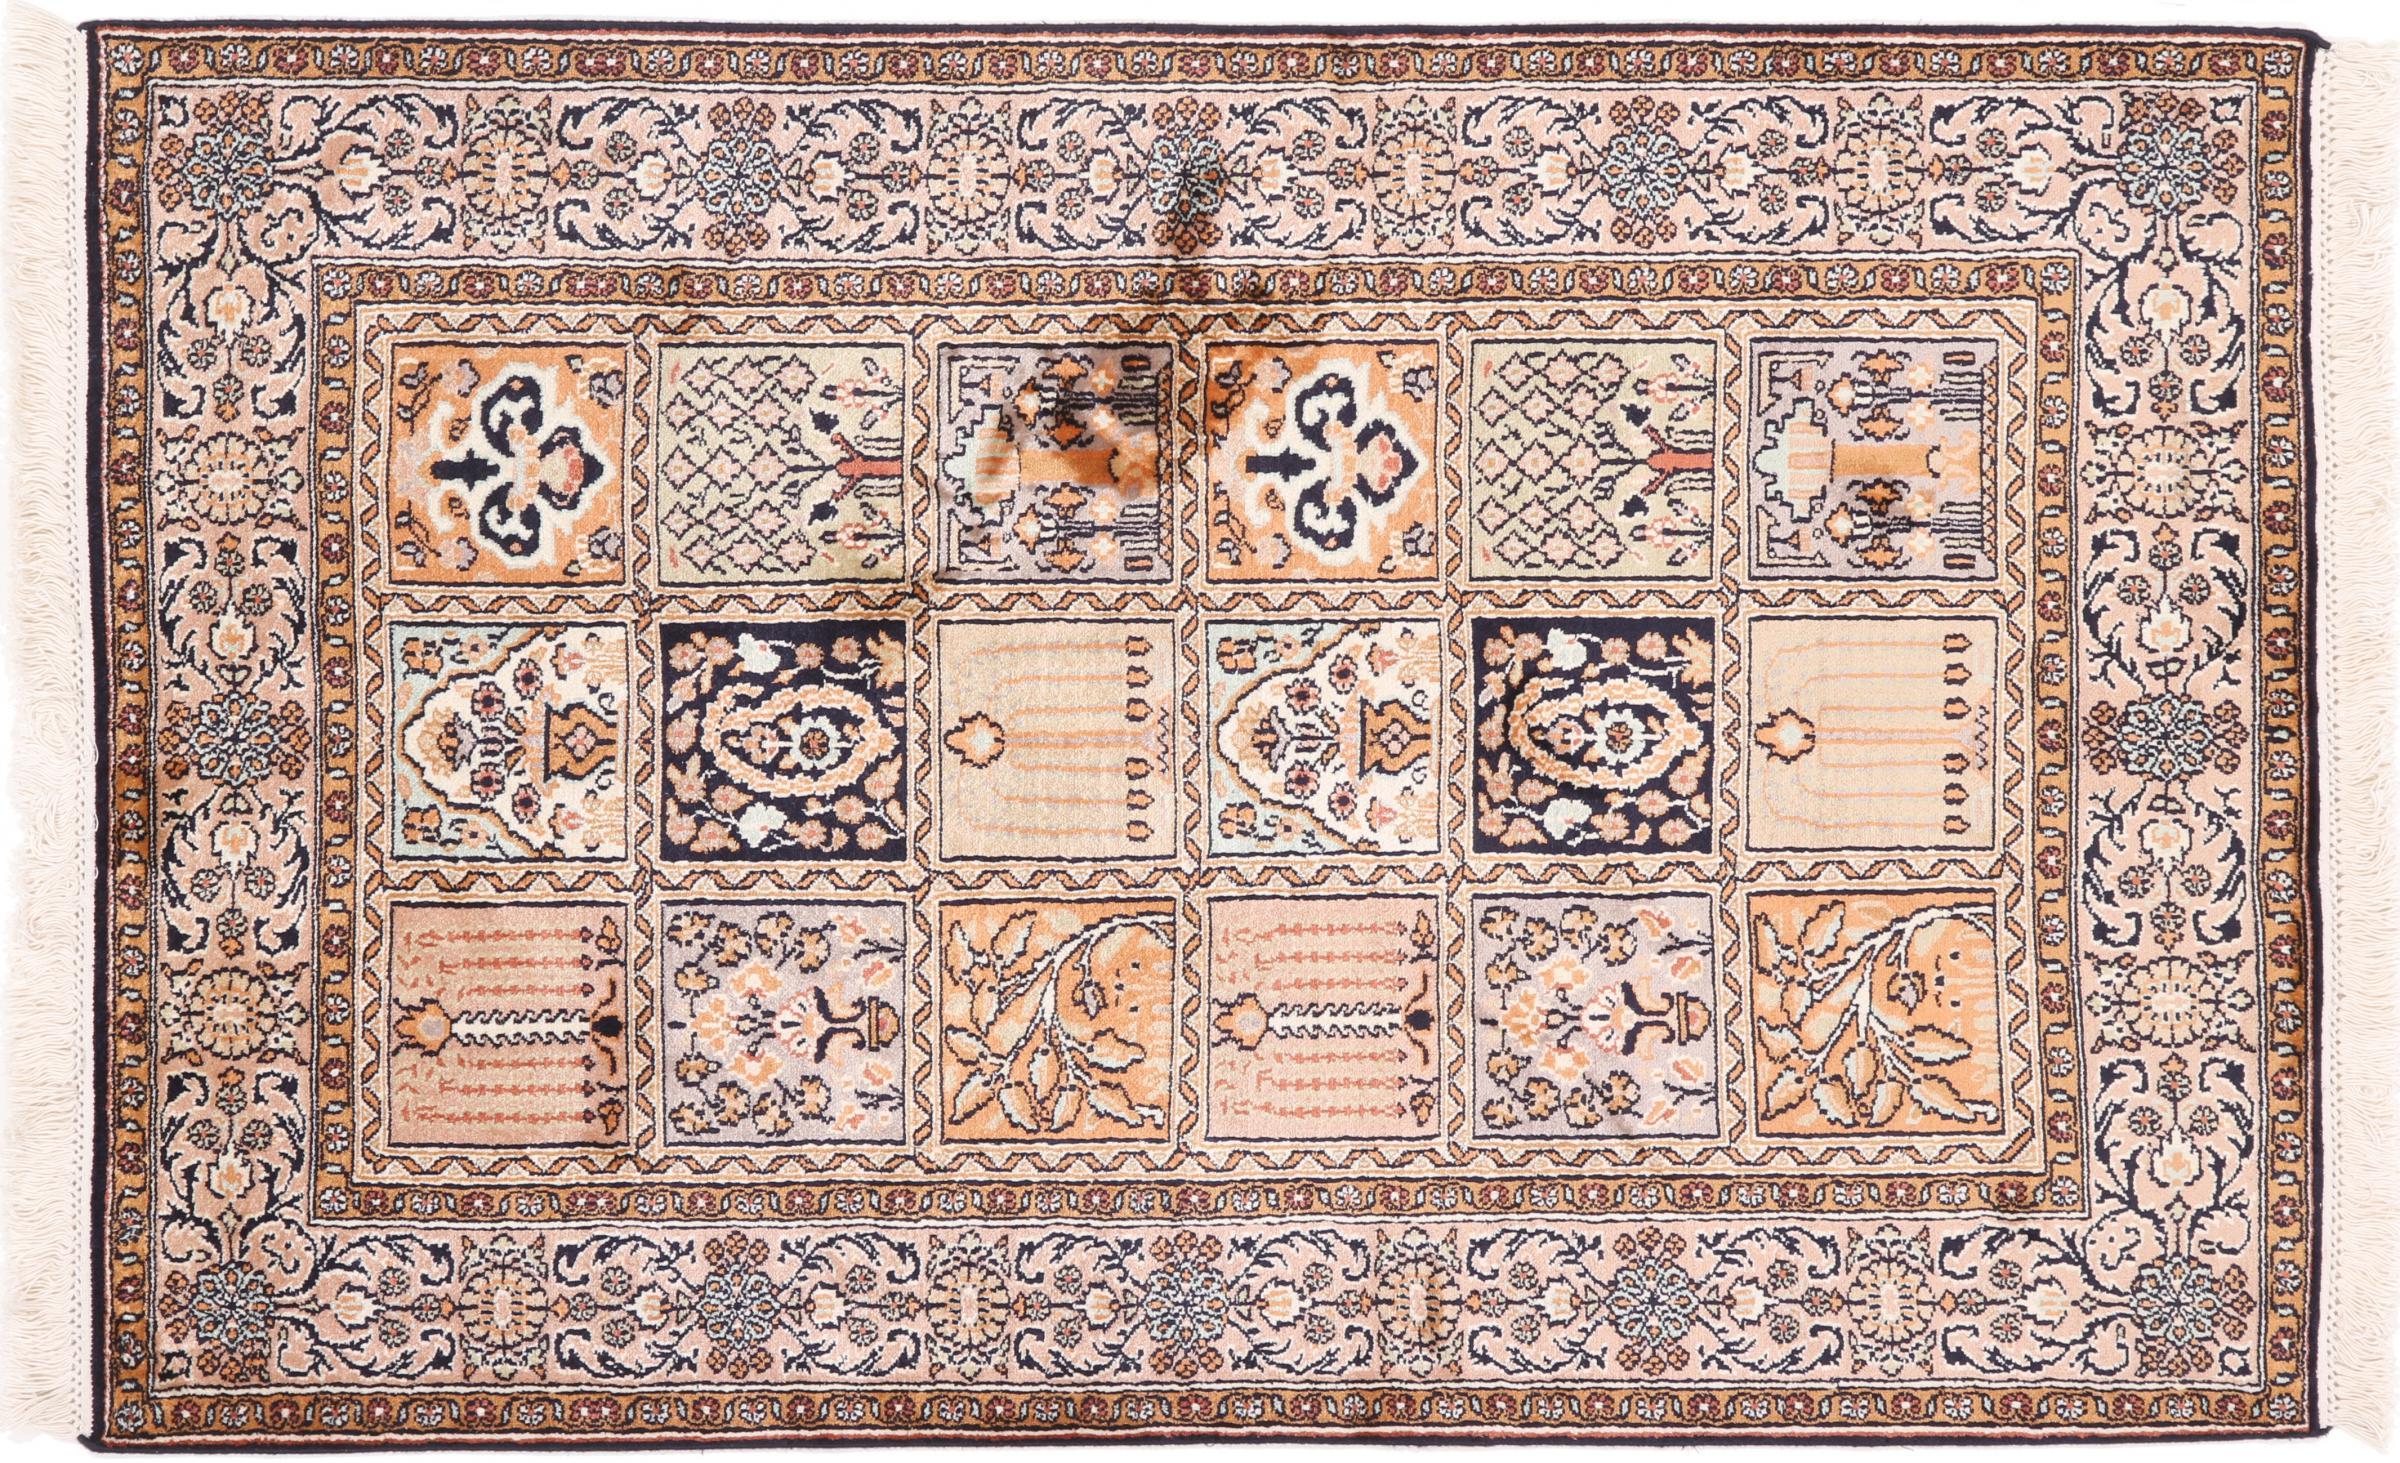 kaschmir reine seide indischer teppich 123x80 id37051. Black Bedroom Furniture Sets. Home Design Ideas